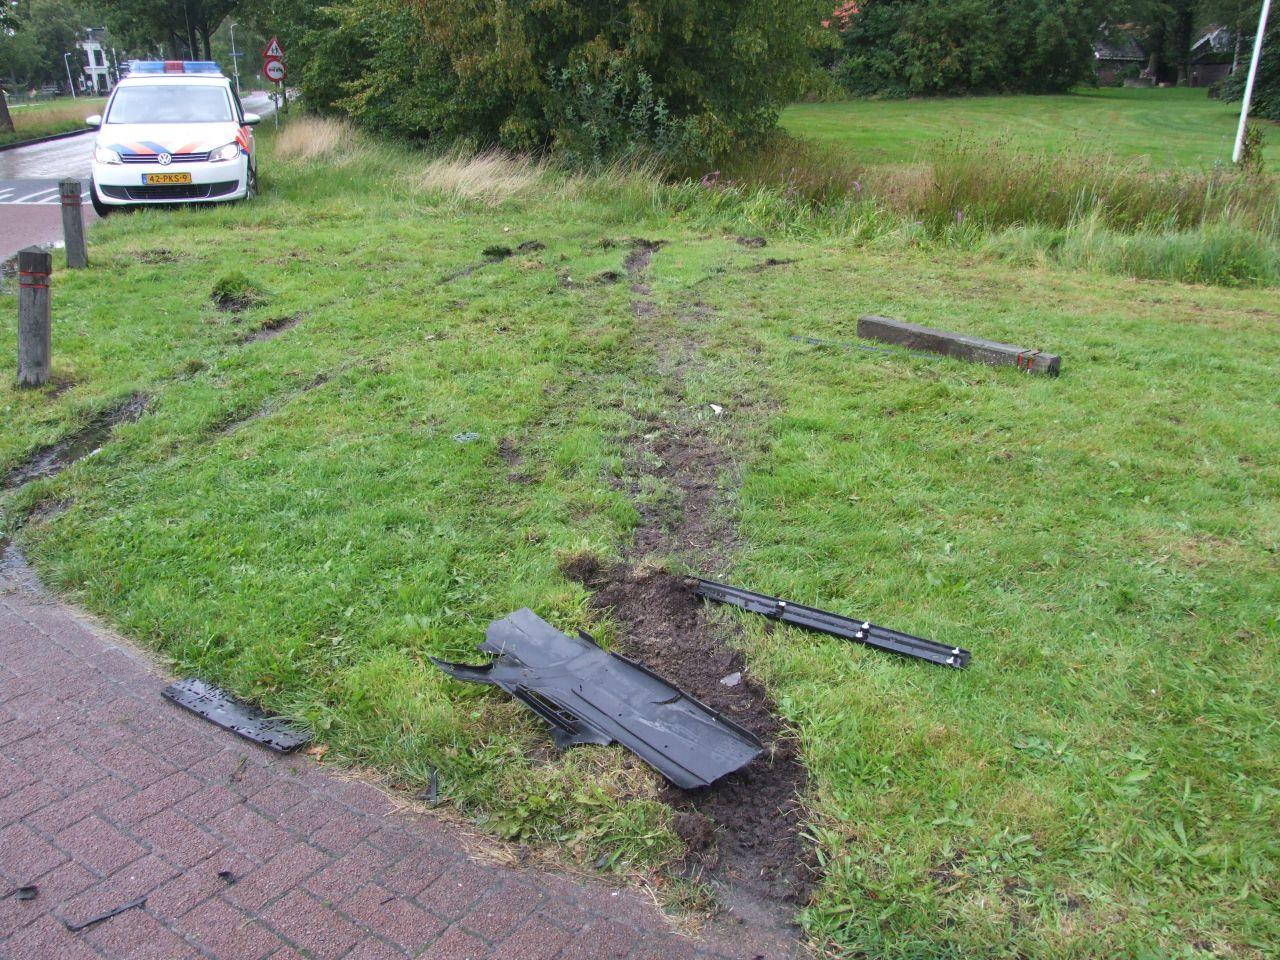 Voertuigen beschadigd na ongeval op kruispunt